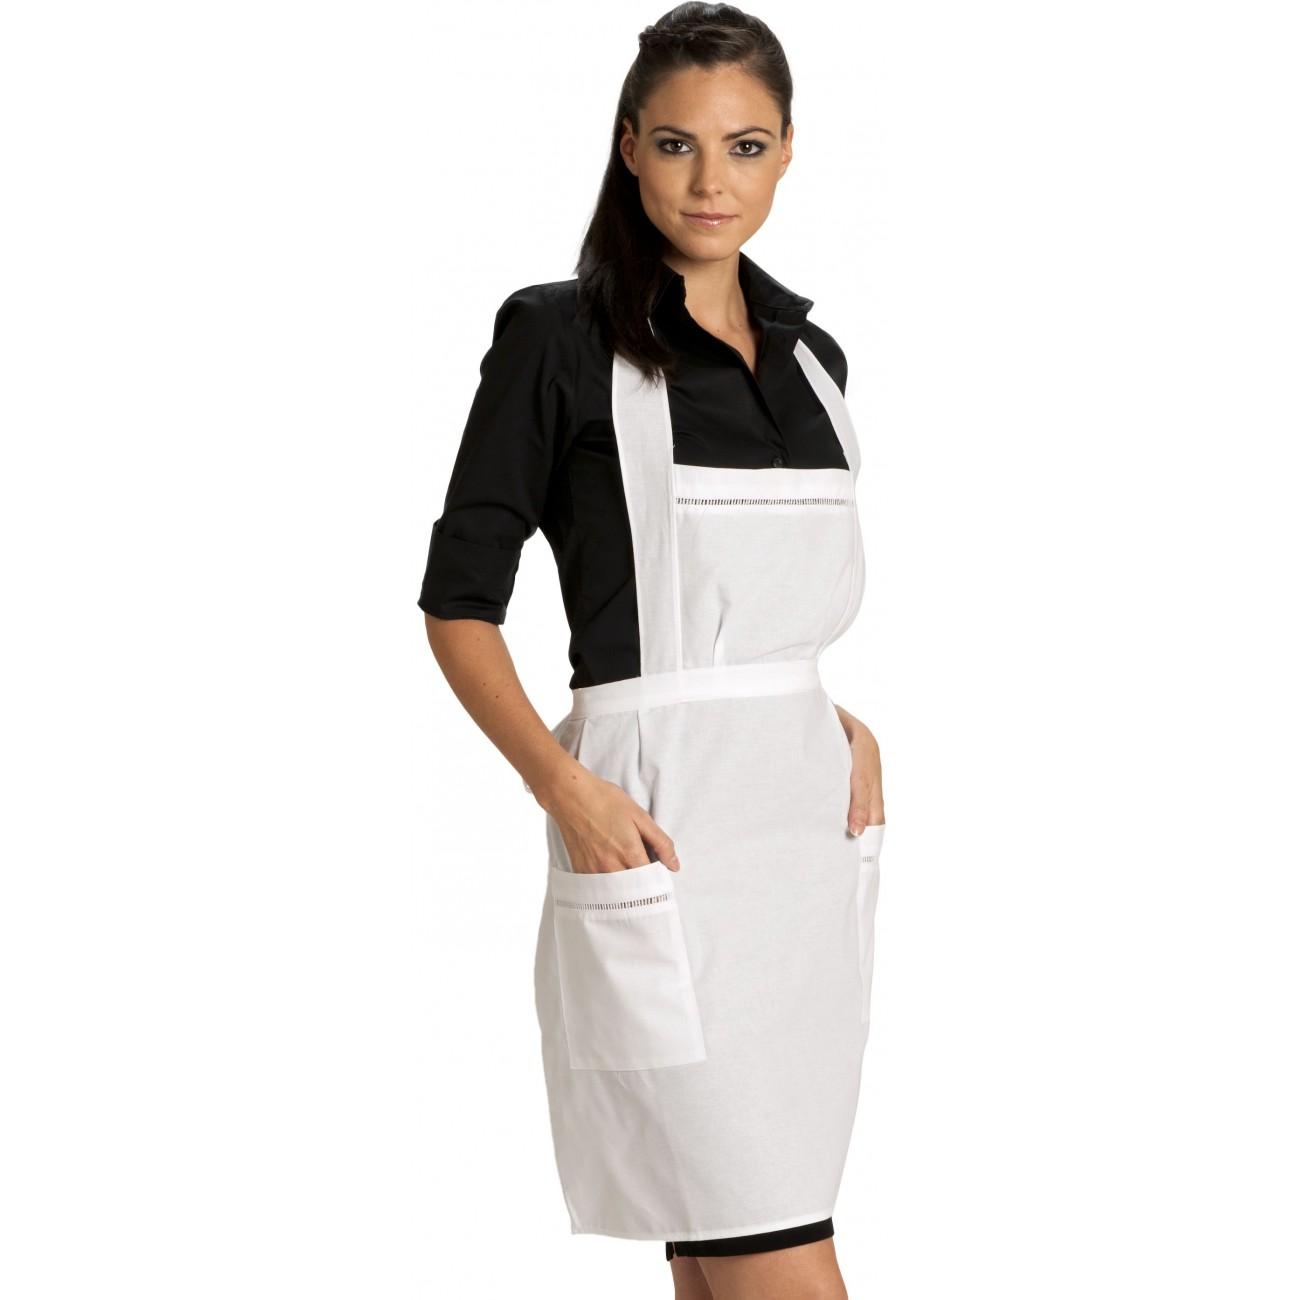 Tablier bavette broderie ajour e tablier de service - Tabliers blouse et torchons de cuisine ...